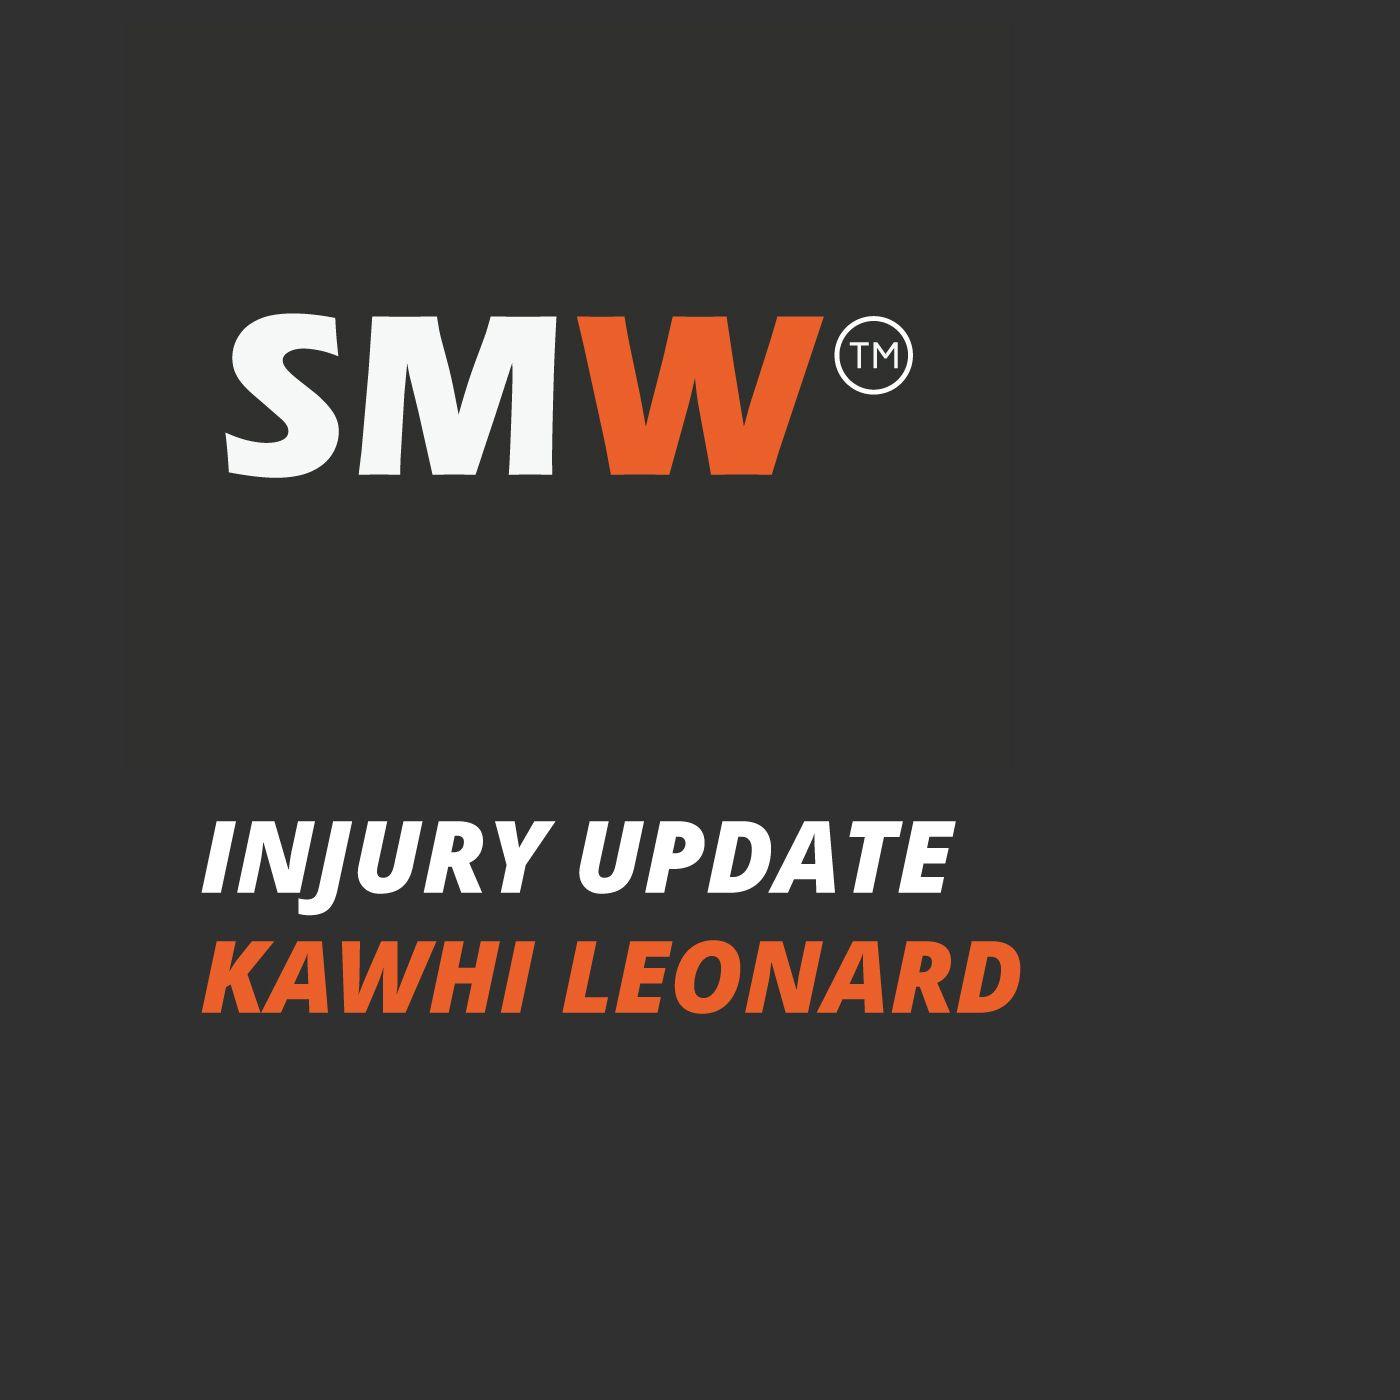 SMW Injury Update: Kawhi Leonard